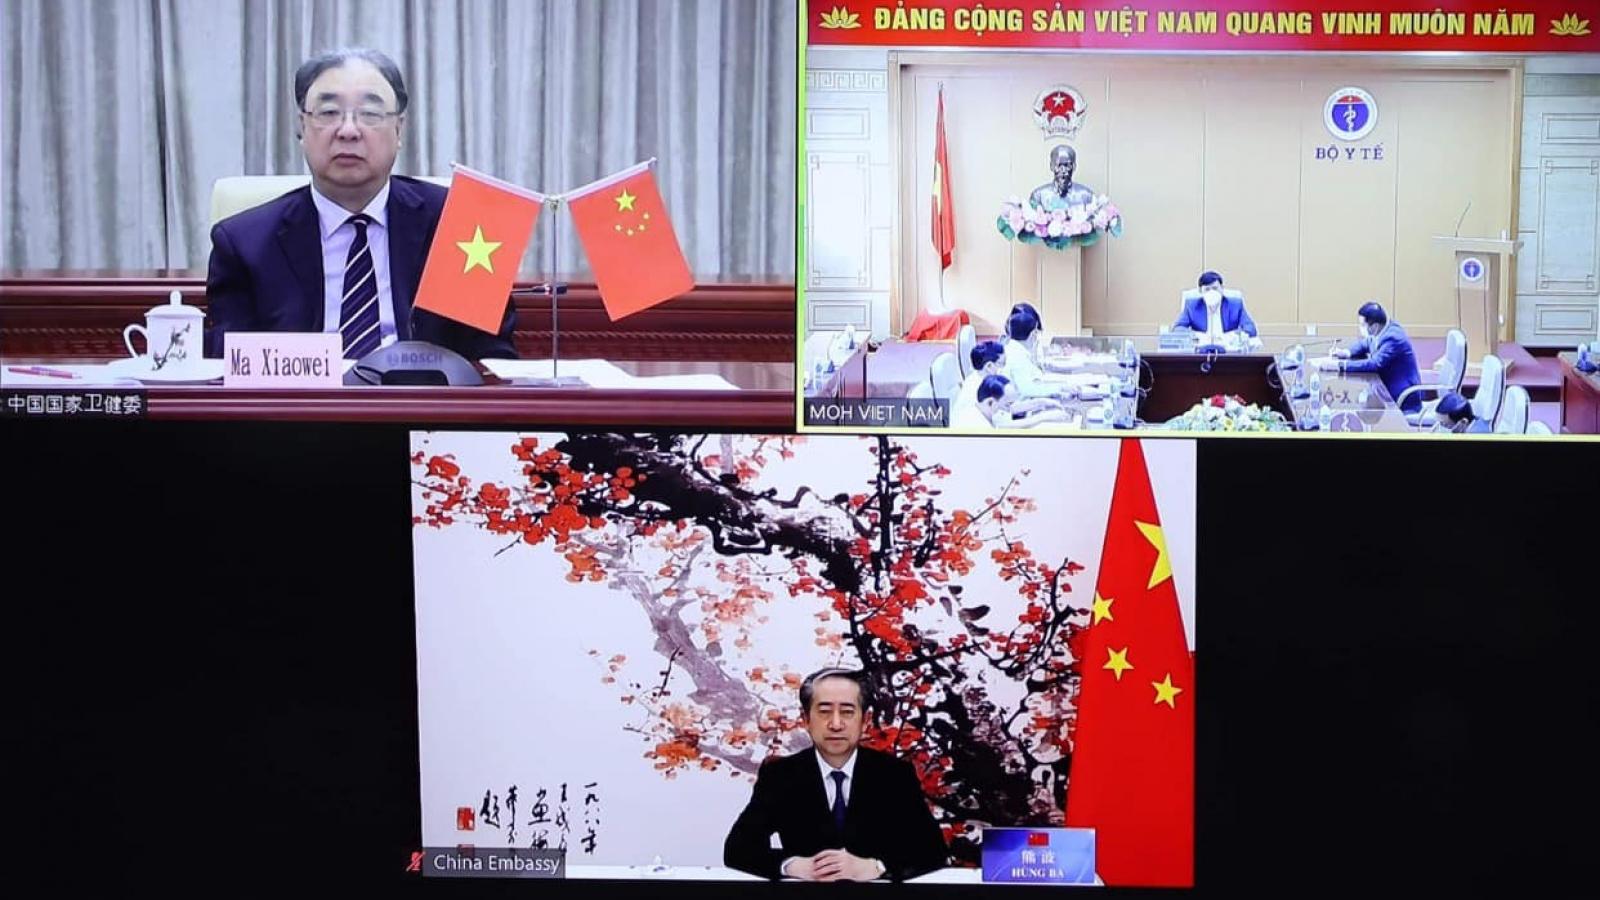 Việt Nam và Trung Quốc chia sẻ kinh nghiệm chống dịch COVID-19